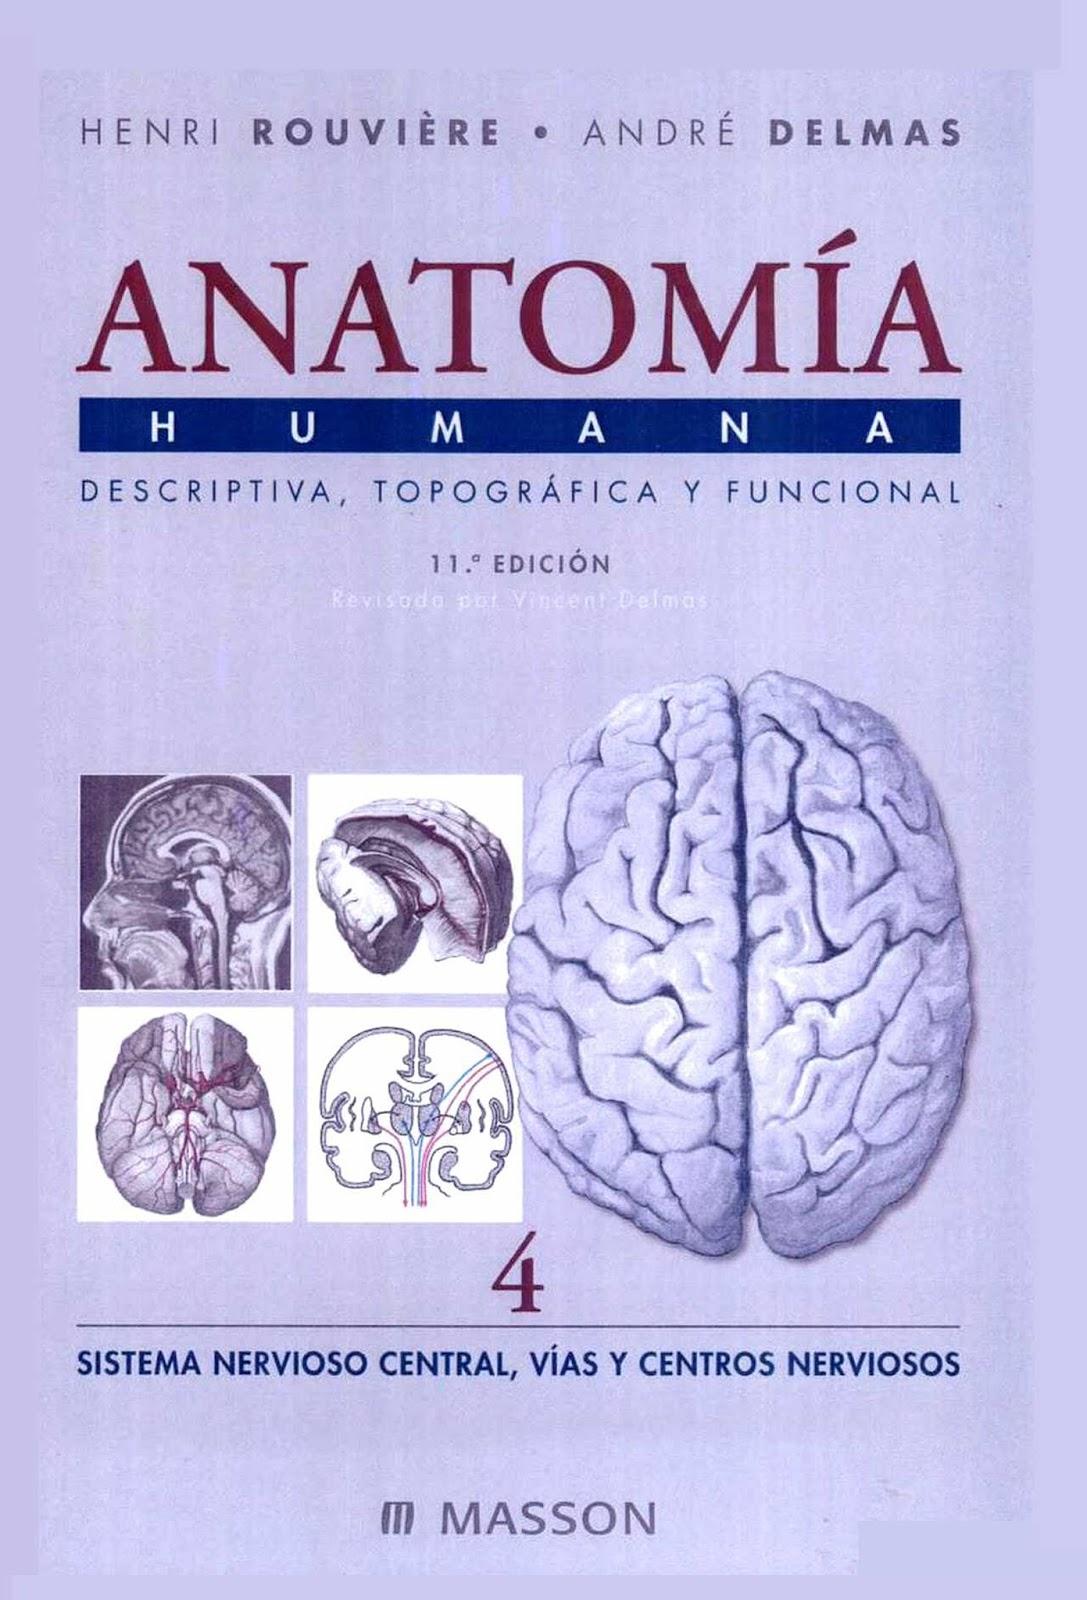 Anatomía Humana. Tomo 4: Sistema nervioso central, 11va Edición – Henri Rouvière